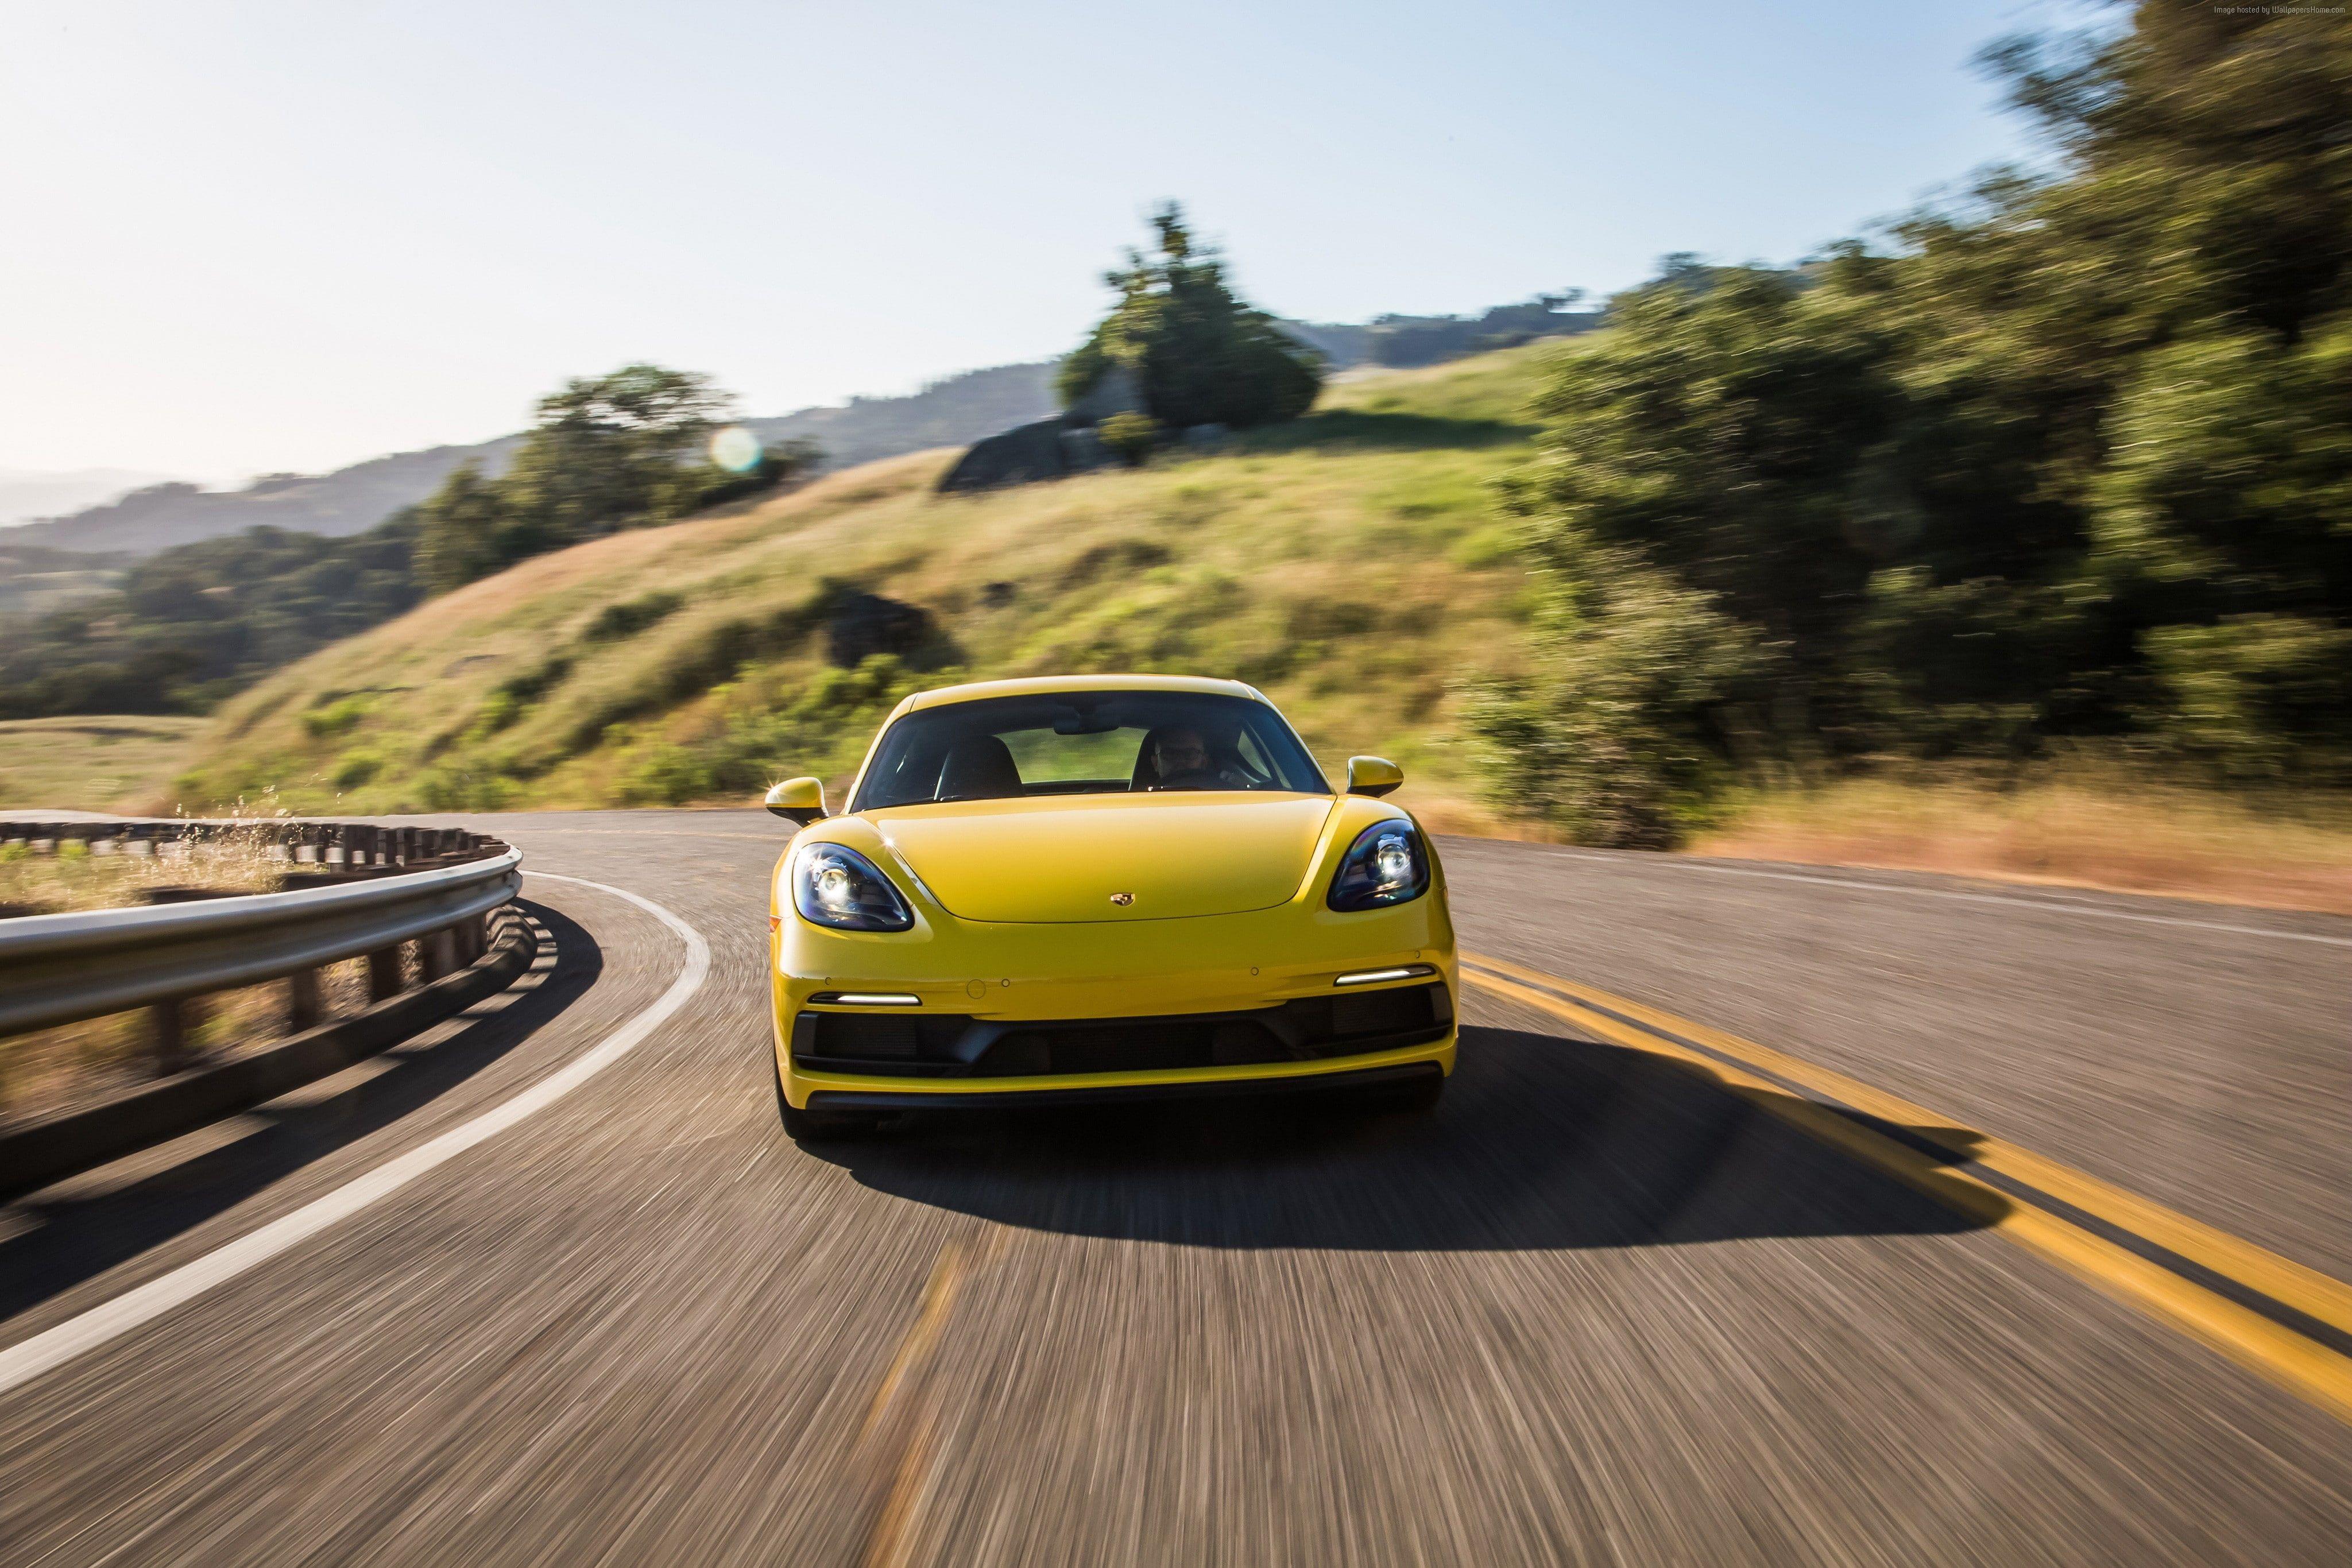 2019 Cars 4k Porsche 718 Cayman Gts 4k Wallpaper Hdwallpaper Desktop